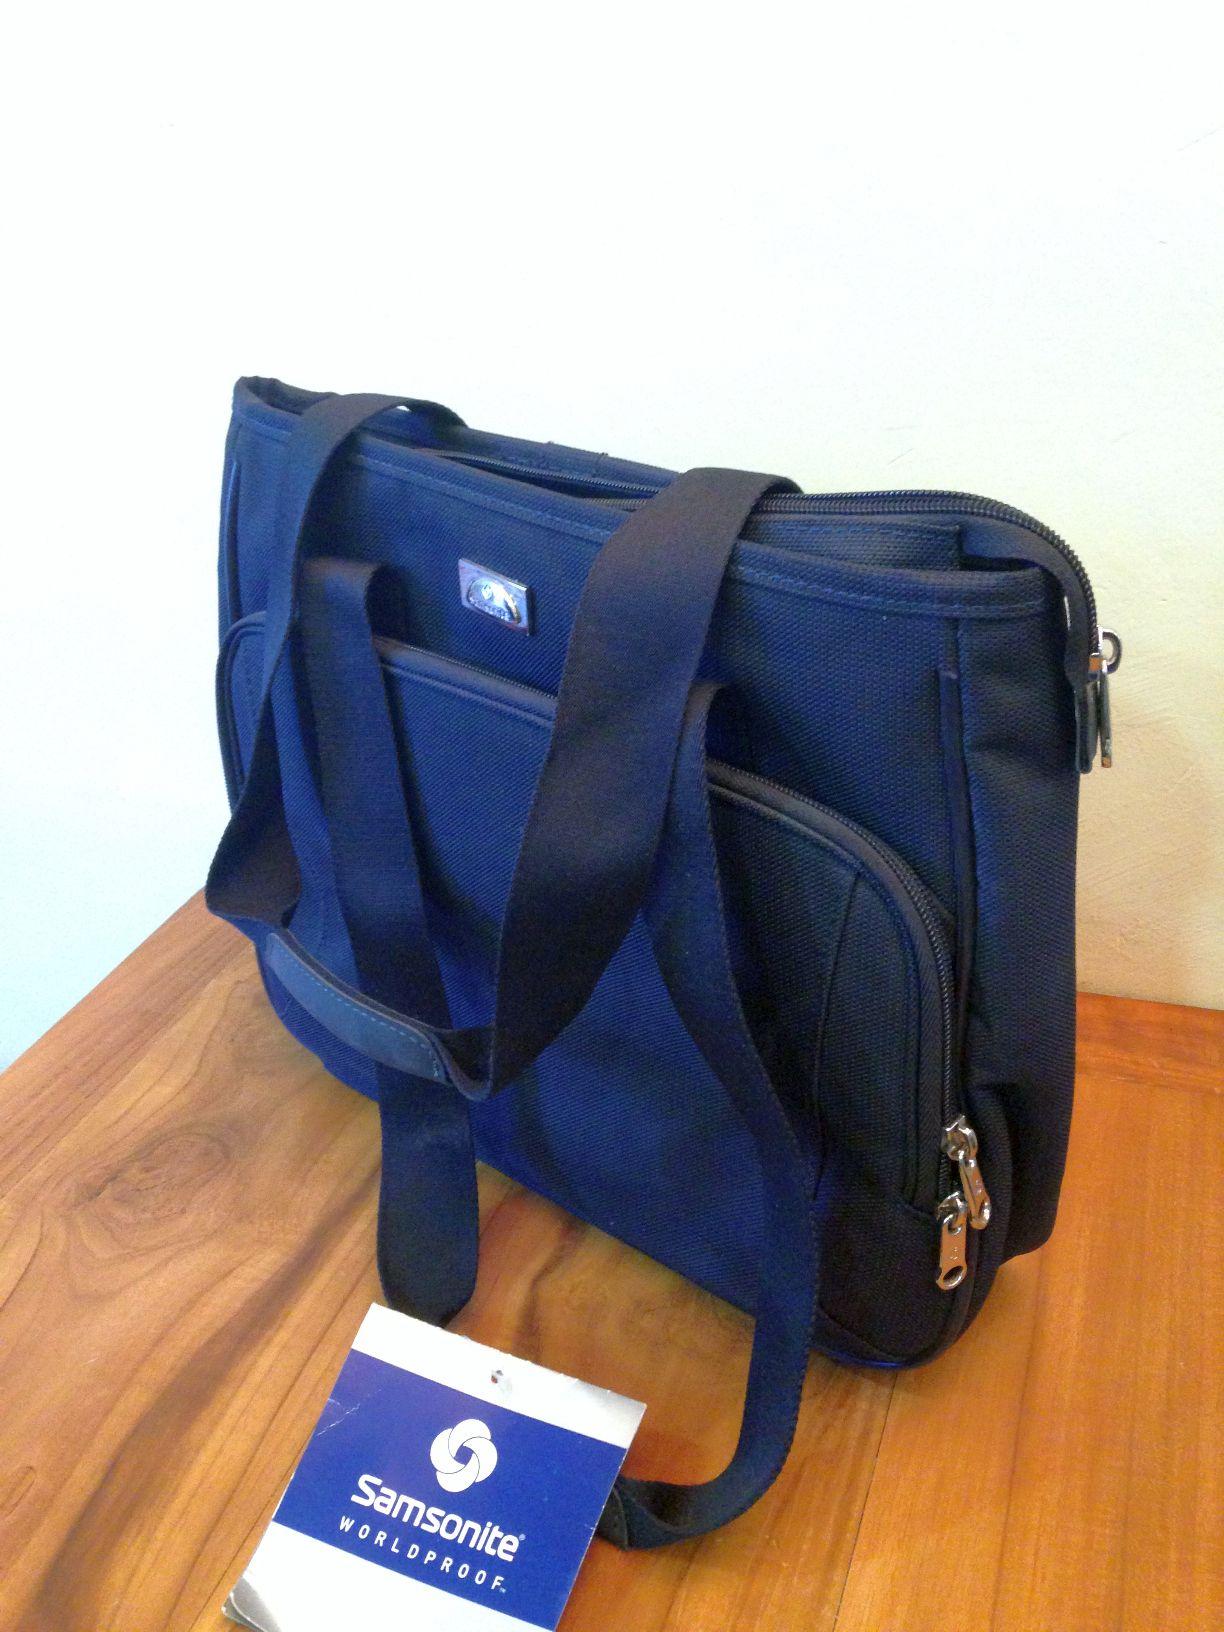 Samsonite borsa porta pc 15 4 computer case robustissimo - Samsonite porta pc ...